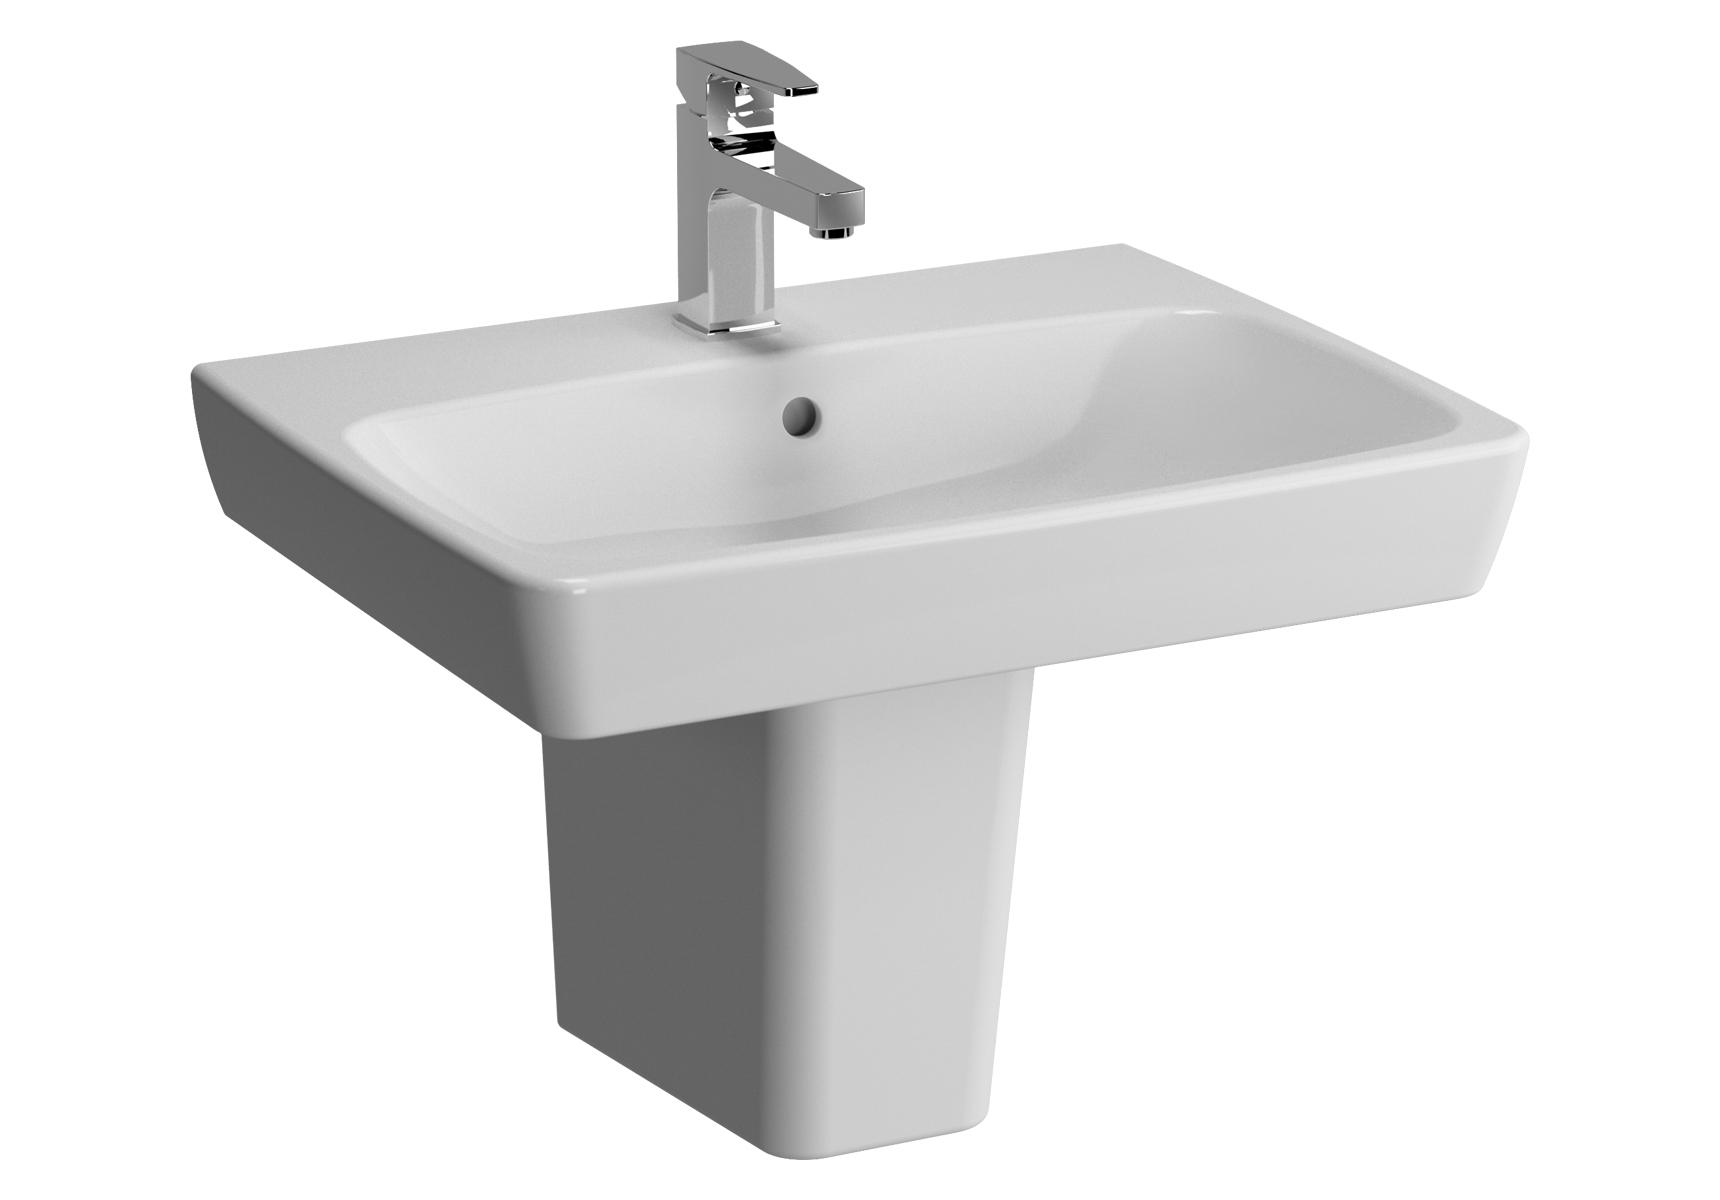 Metropole lavabo, 60 cm, 1 trou de robinet central, avec trop-plein